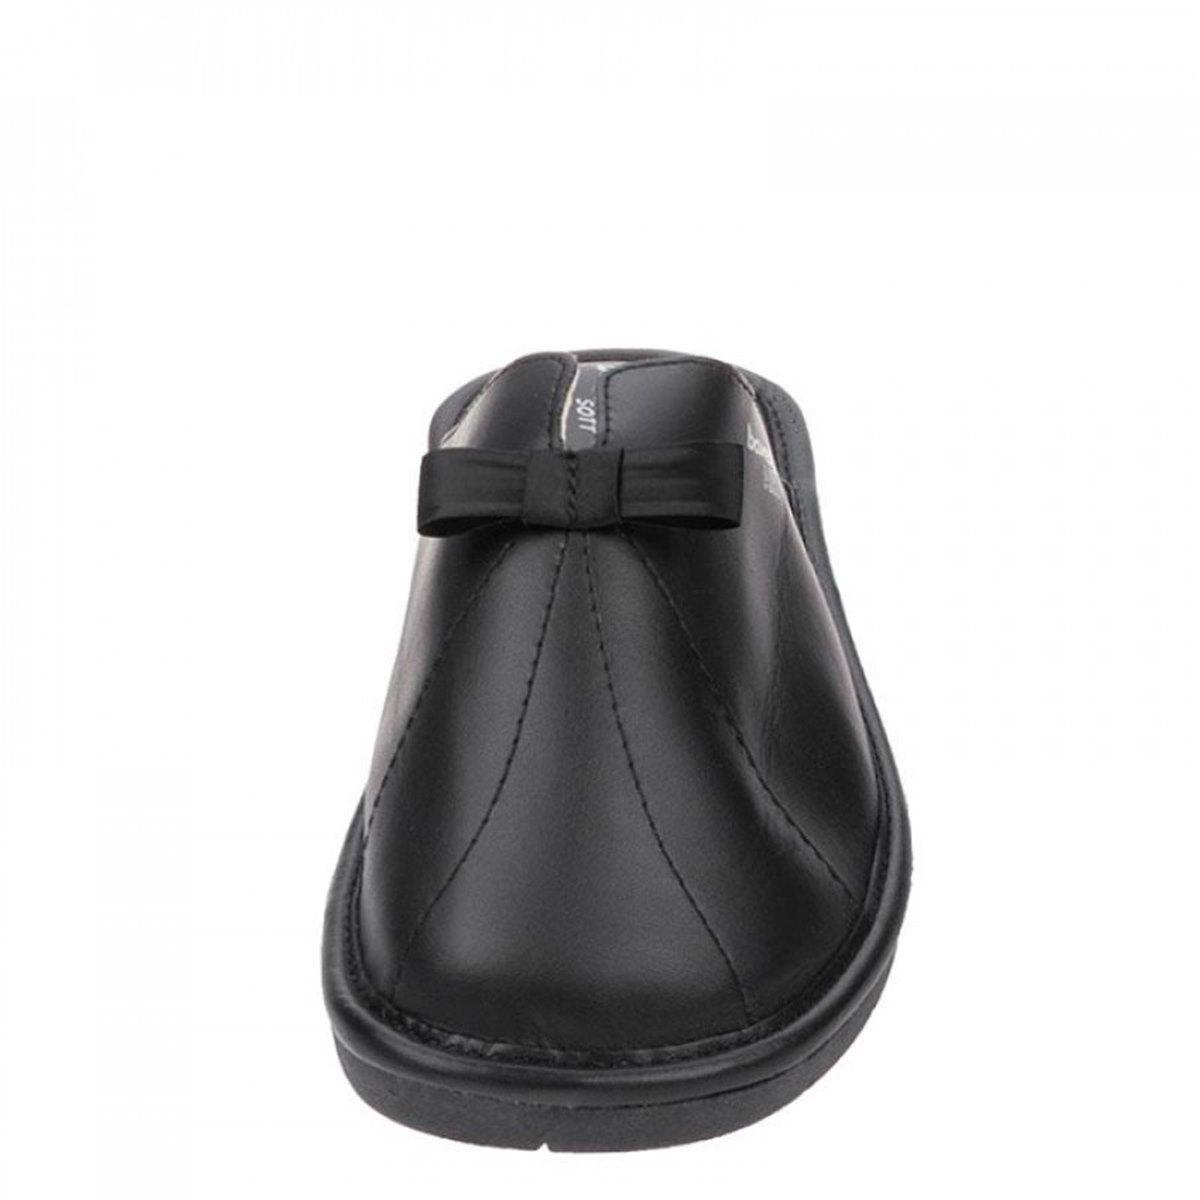 Γυναικείες παντόφλες δωματίου γνήσιο δεμα Boxer 68001-10-011 Μαύρο